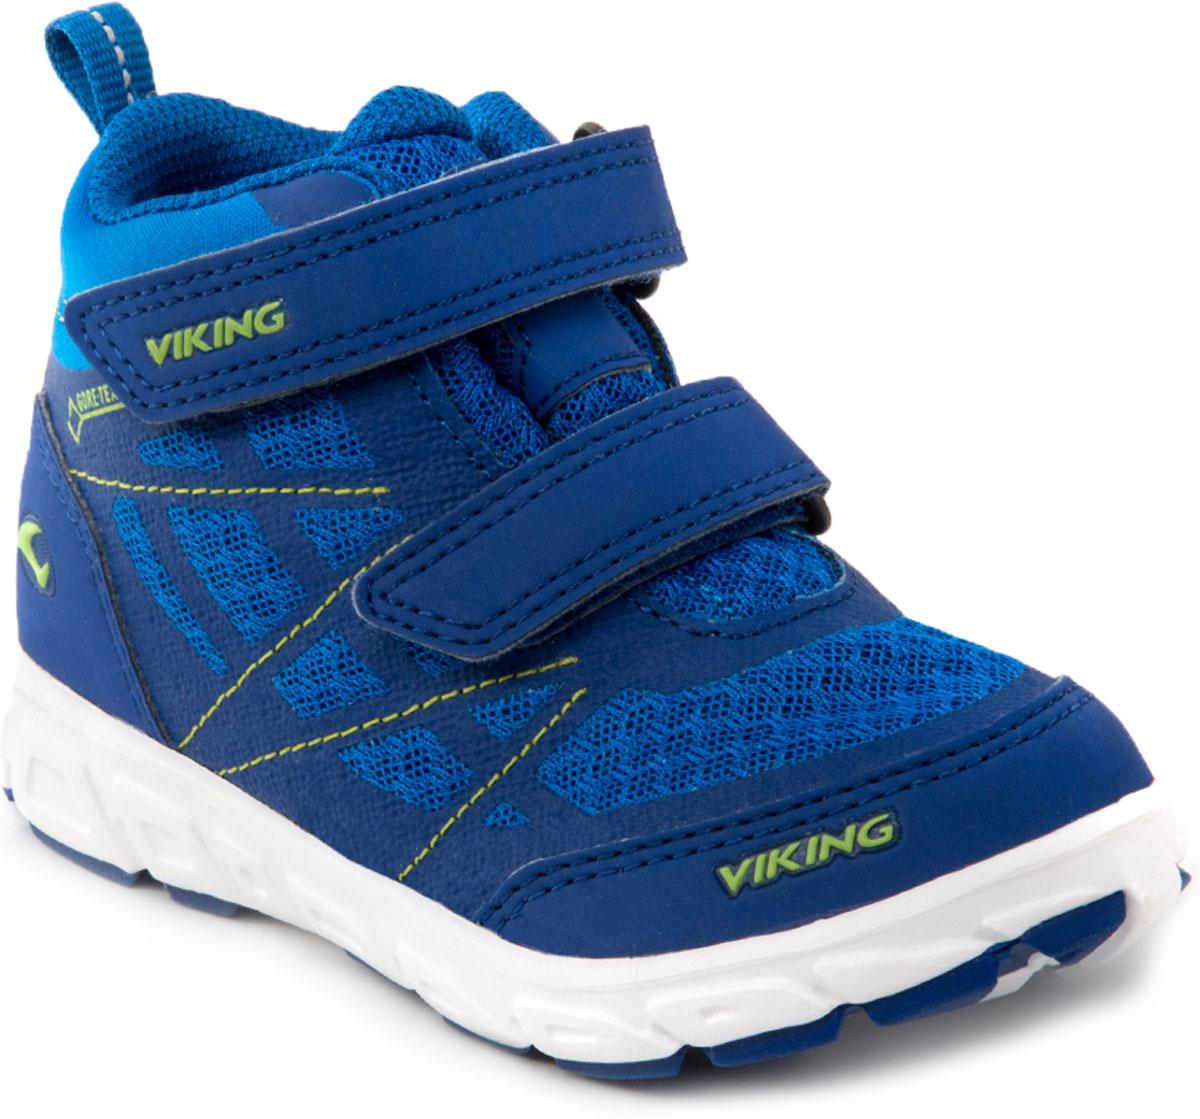 Кроссовки для мальчика Viking Veme Vel MID GTX, цвет: синий. 3-47305-03504. Размер 313-47305-03504Кроссовки для мальчика от Viking выполнены из дышащего текстиля. Модель фиксируется на ноге при помощи двух ремешков на липучках. Подкладка и стелька из текстиля гарантируют комфорт при носке. Износостойкая подошва, выполненная из резины, долговечна и обеспечивает высокую устойчивость к деформациям, вставка из EVA в подошве для амортизации и уменьшения веса обуви.